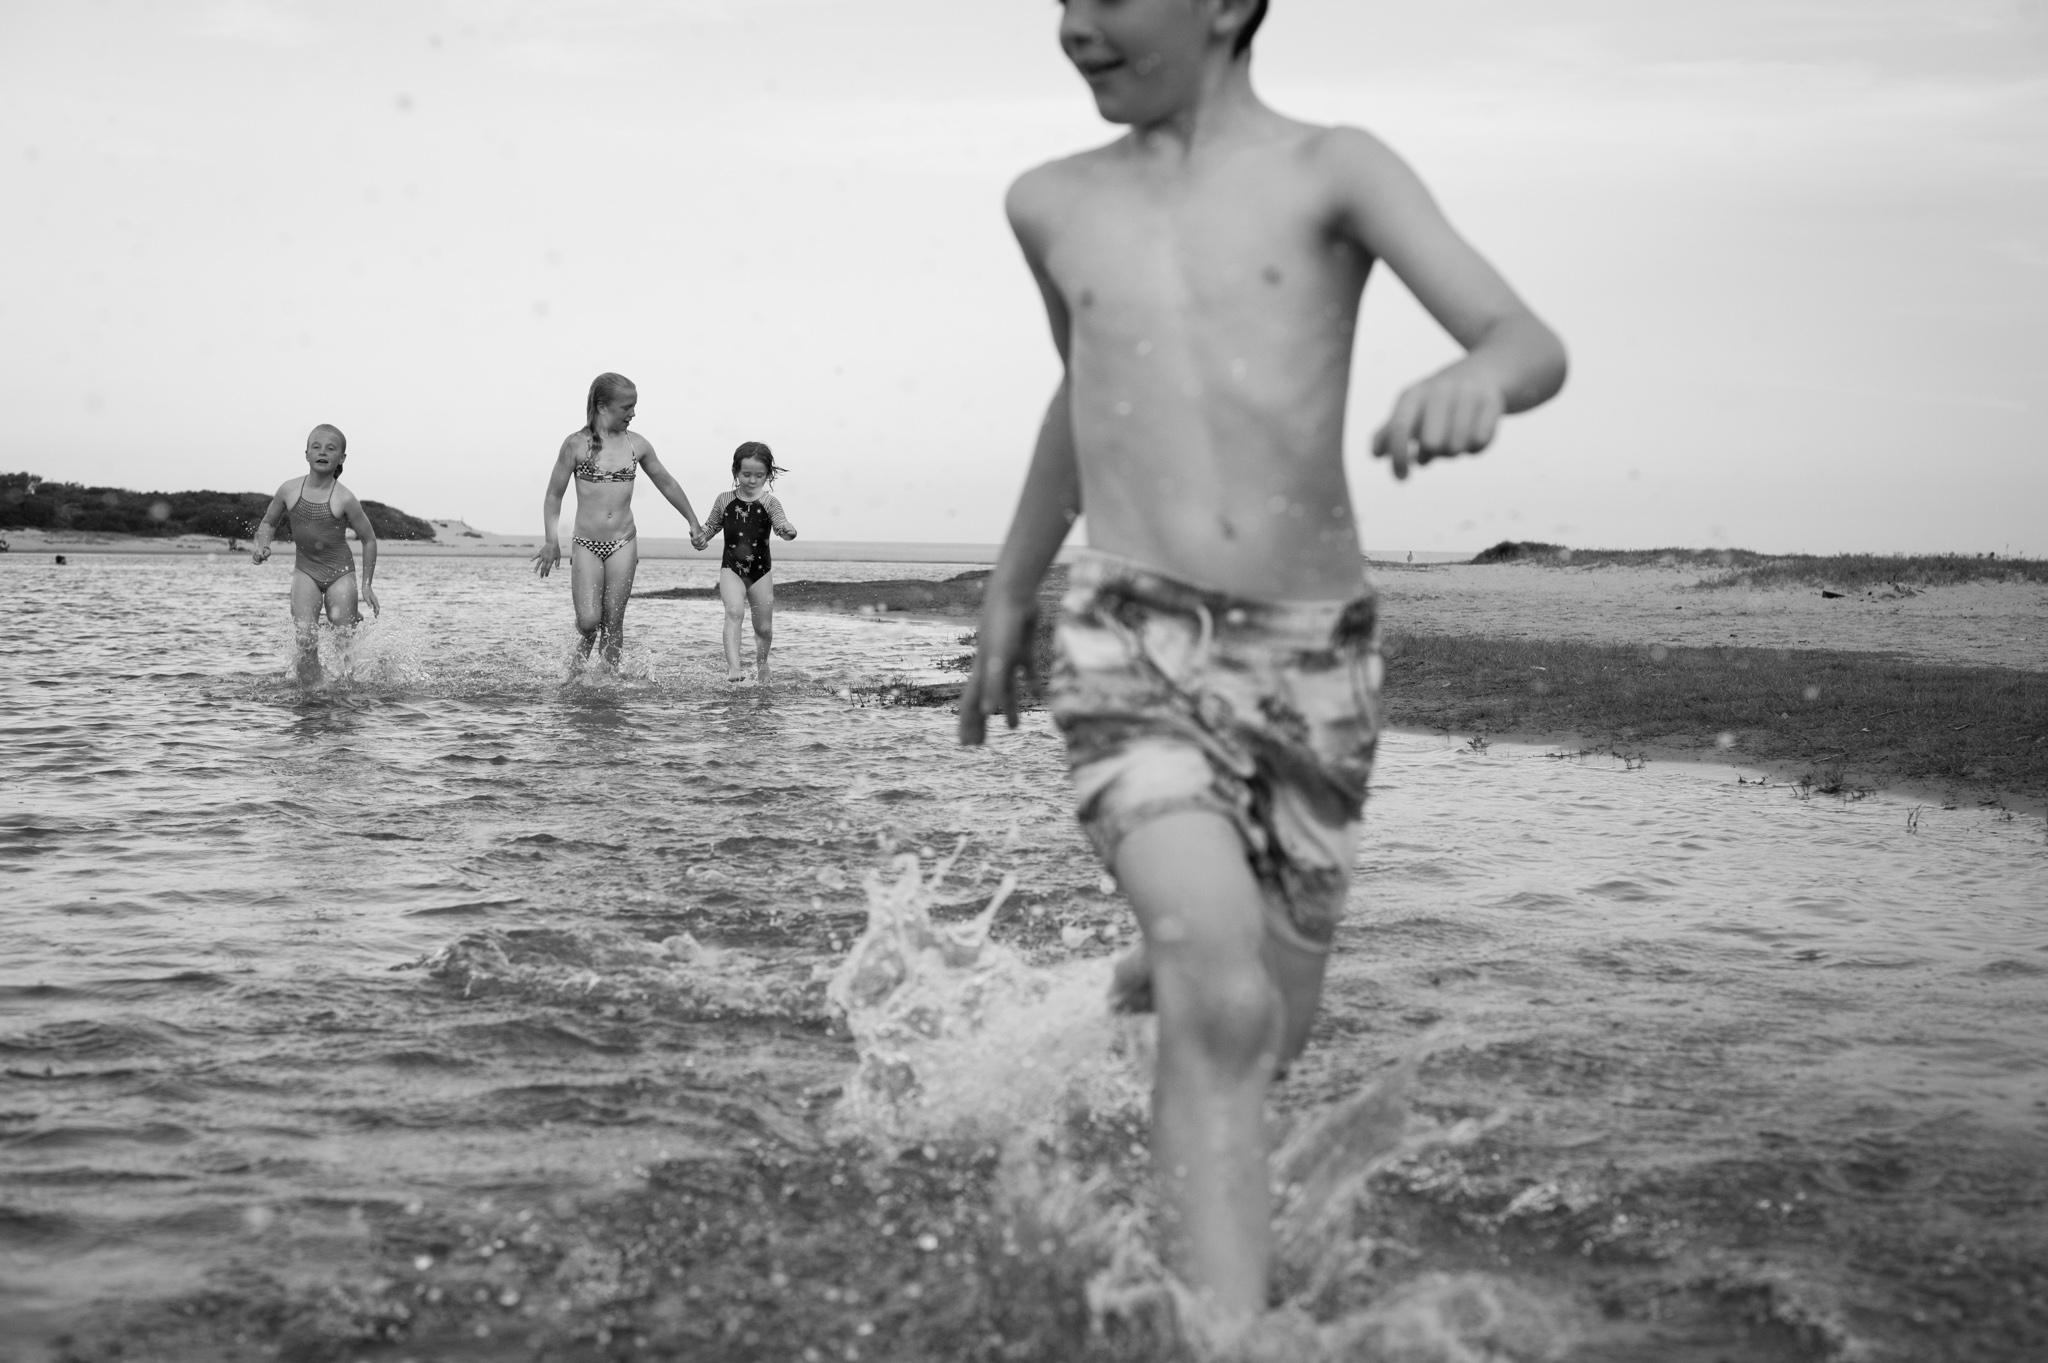 kids running through the lake avoca beach nsw